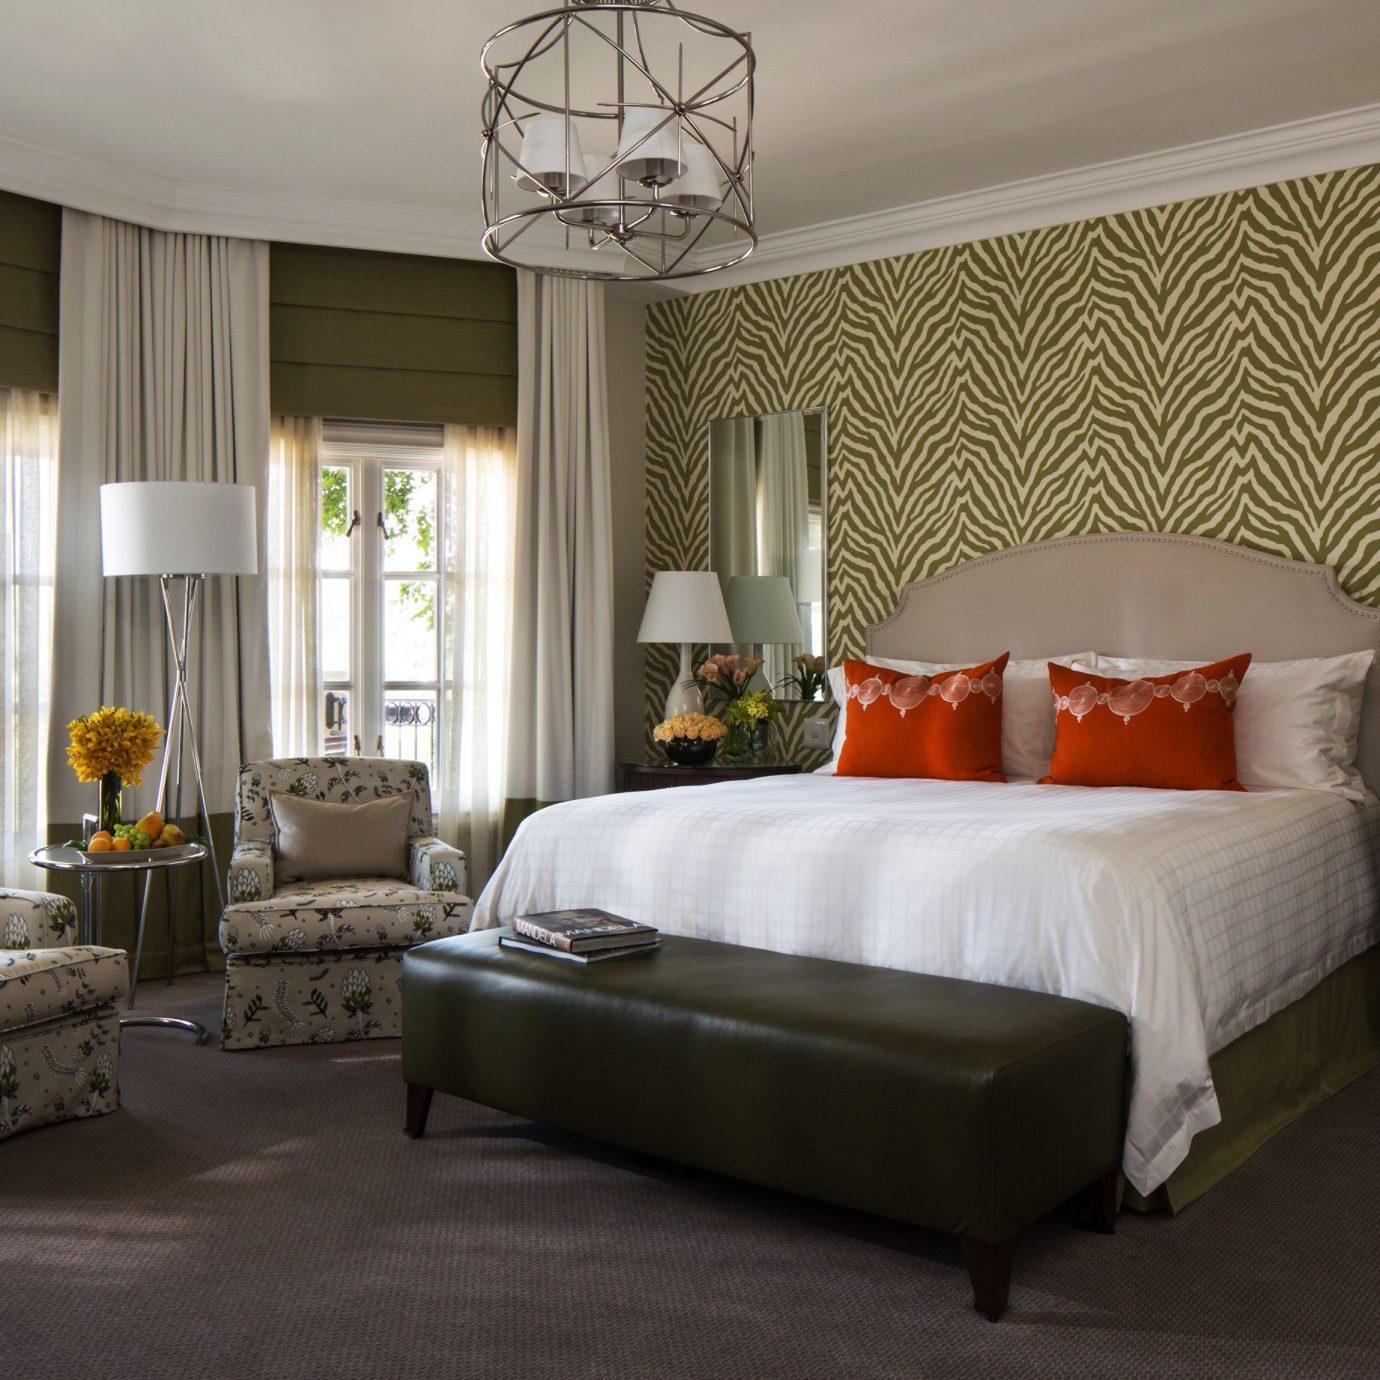 Bedroom property living room home Suite bed sheet cottage